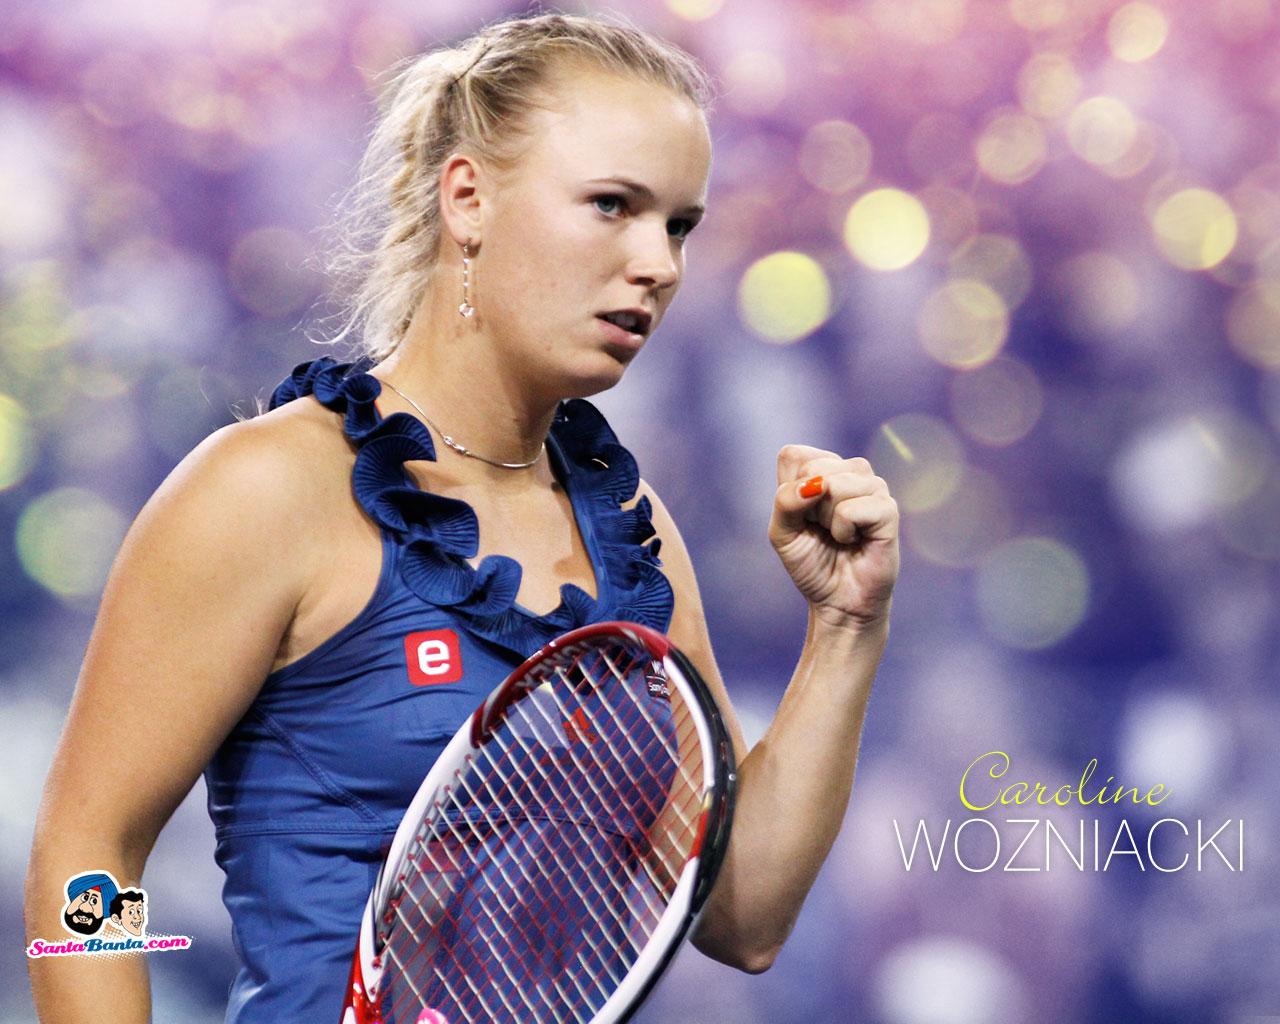 Top Sports Players Caroline Wozniacki Wallpapers